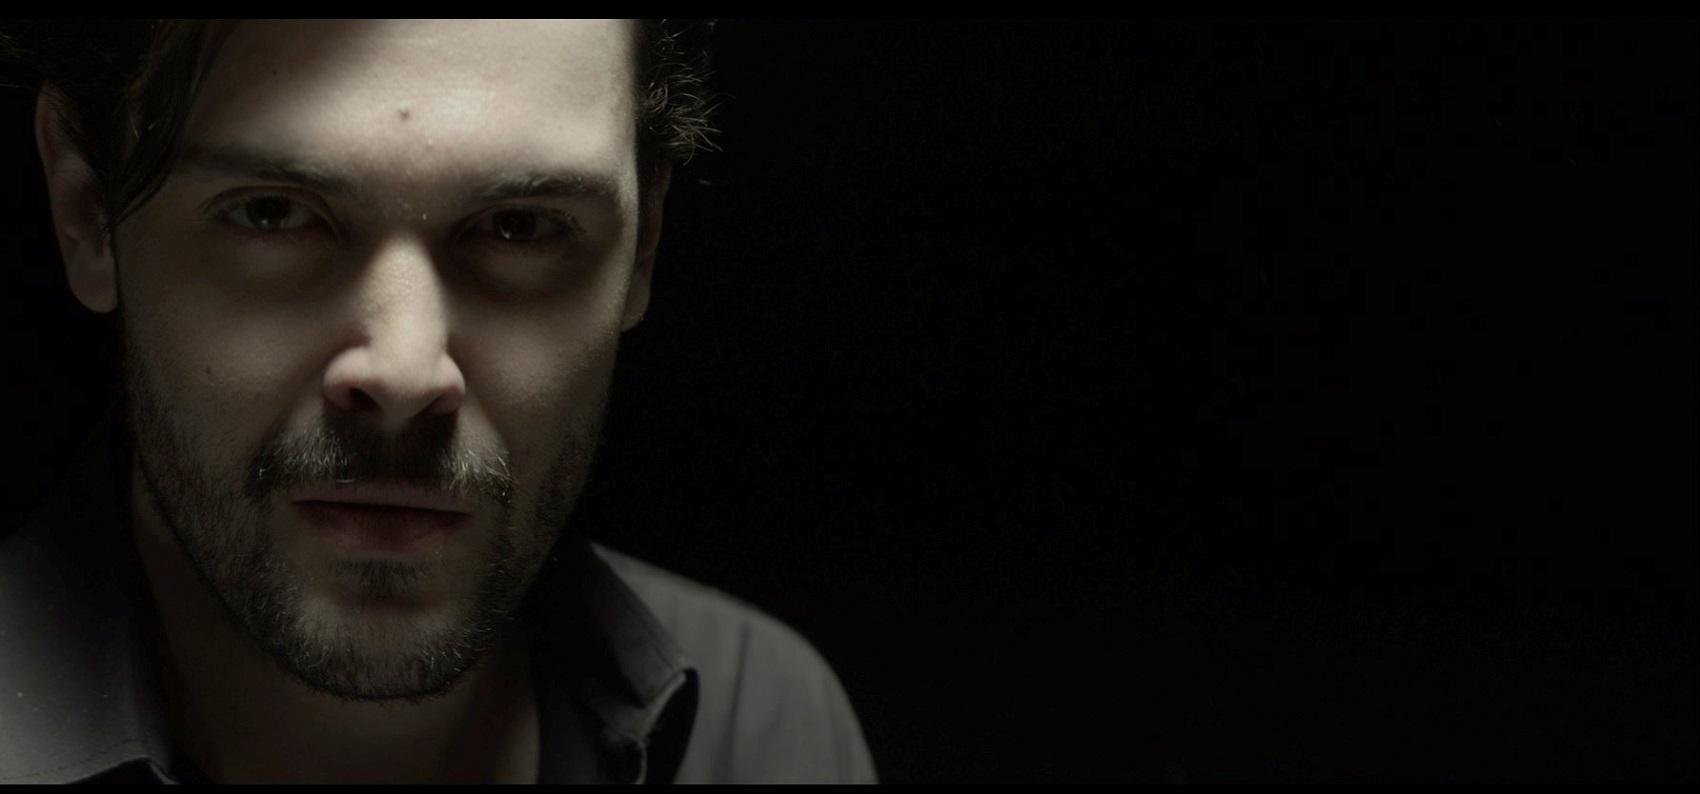 """Intervista di Irene Gianeselli all'attore Luca Micheletti: """"Le variazioni Goldberg"""" tra fede, teatro e responsabilità"""